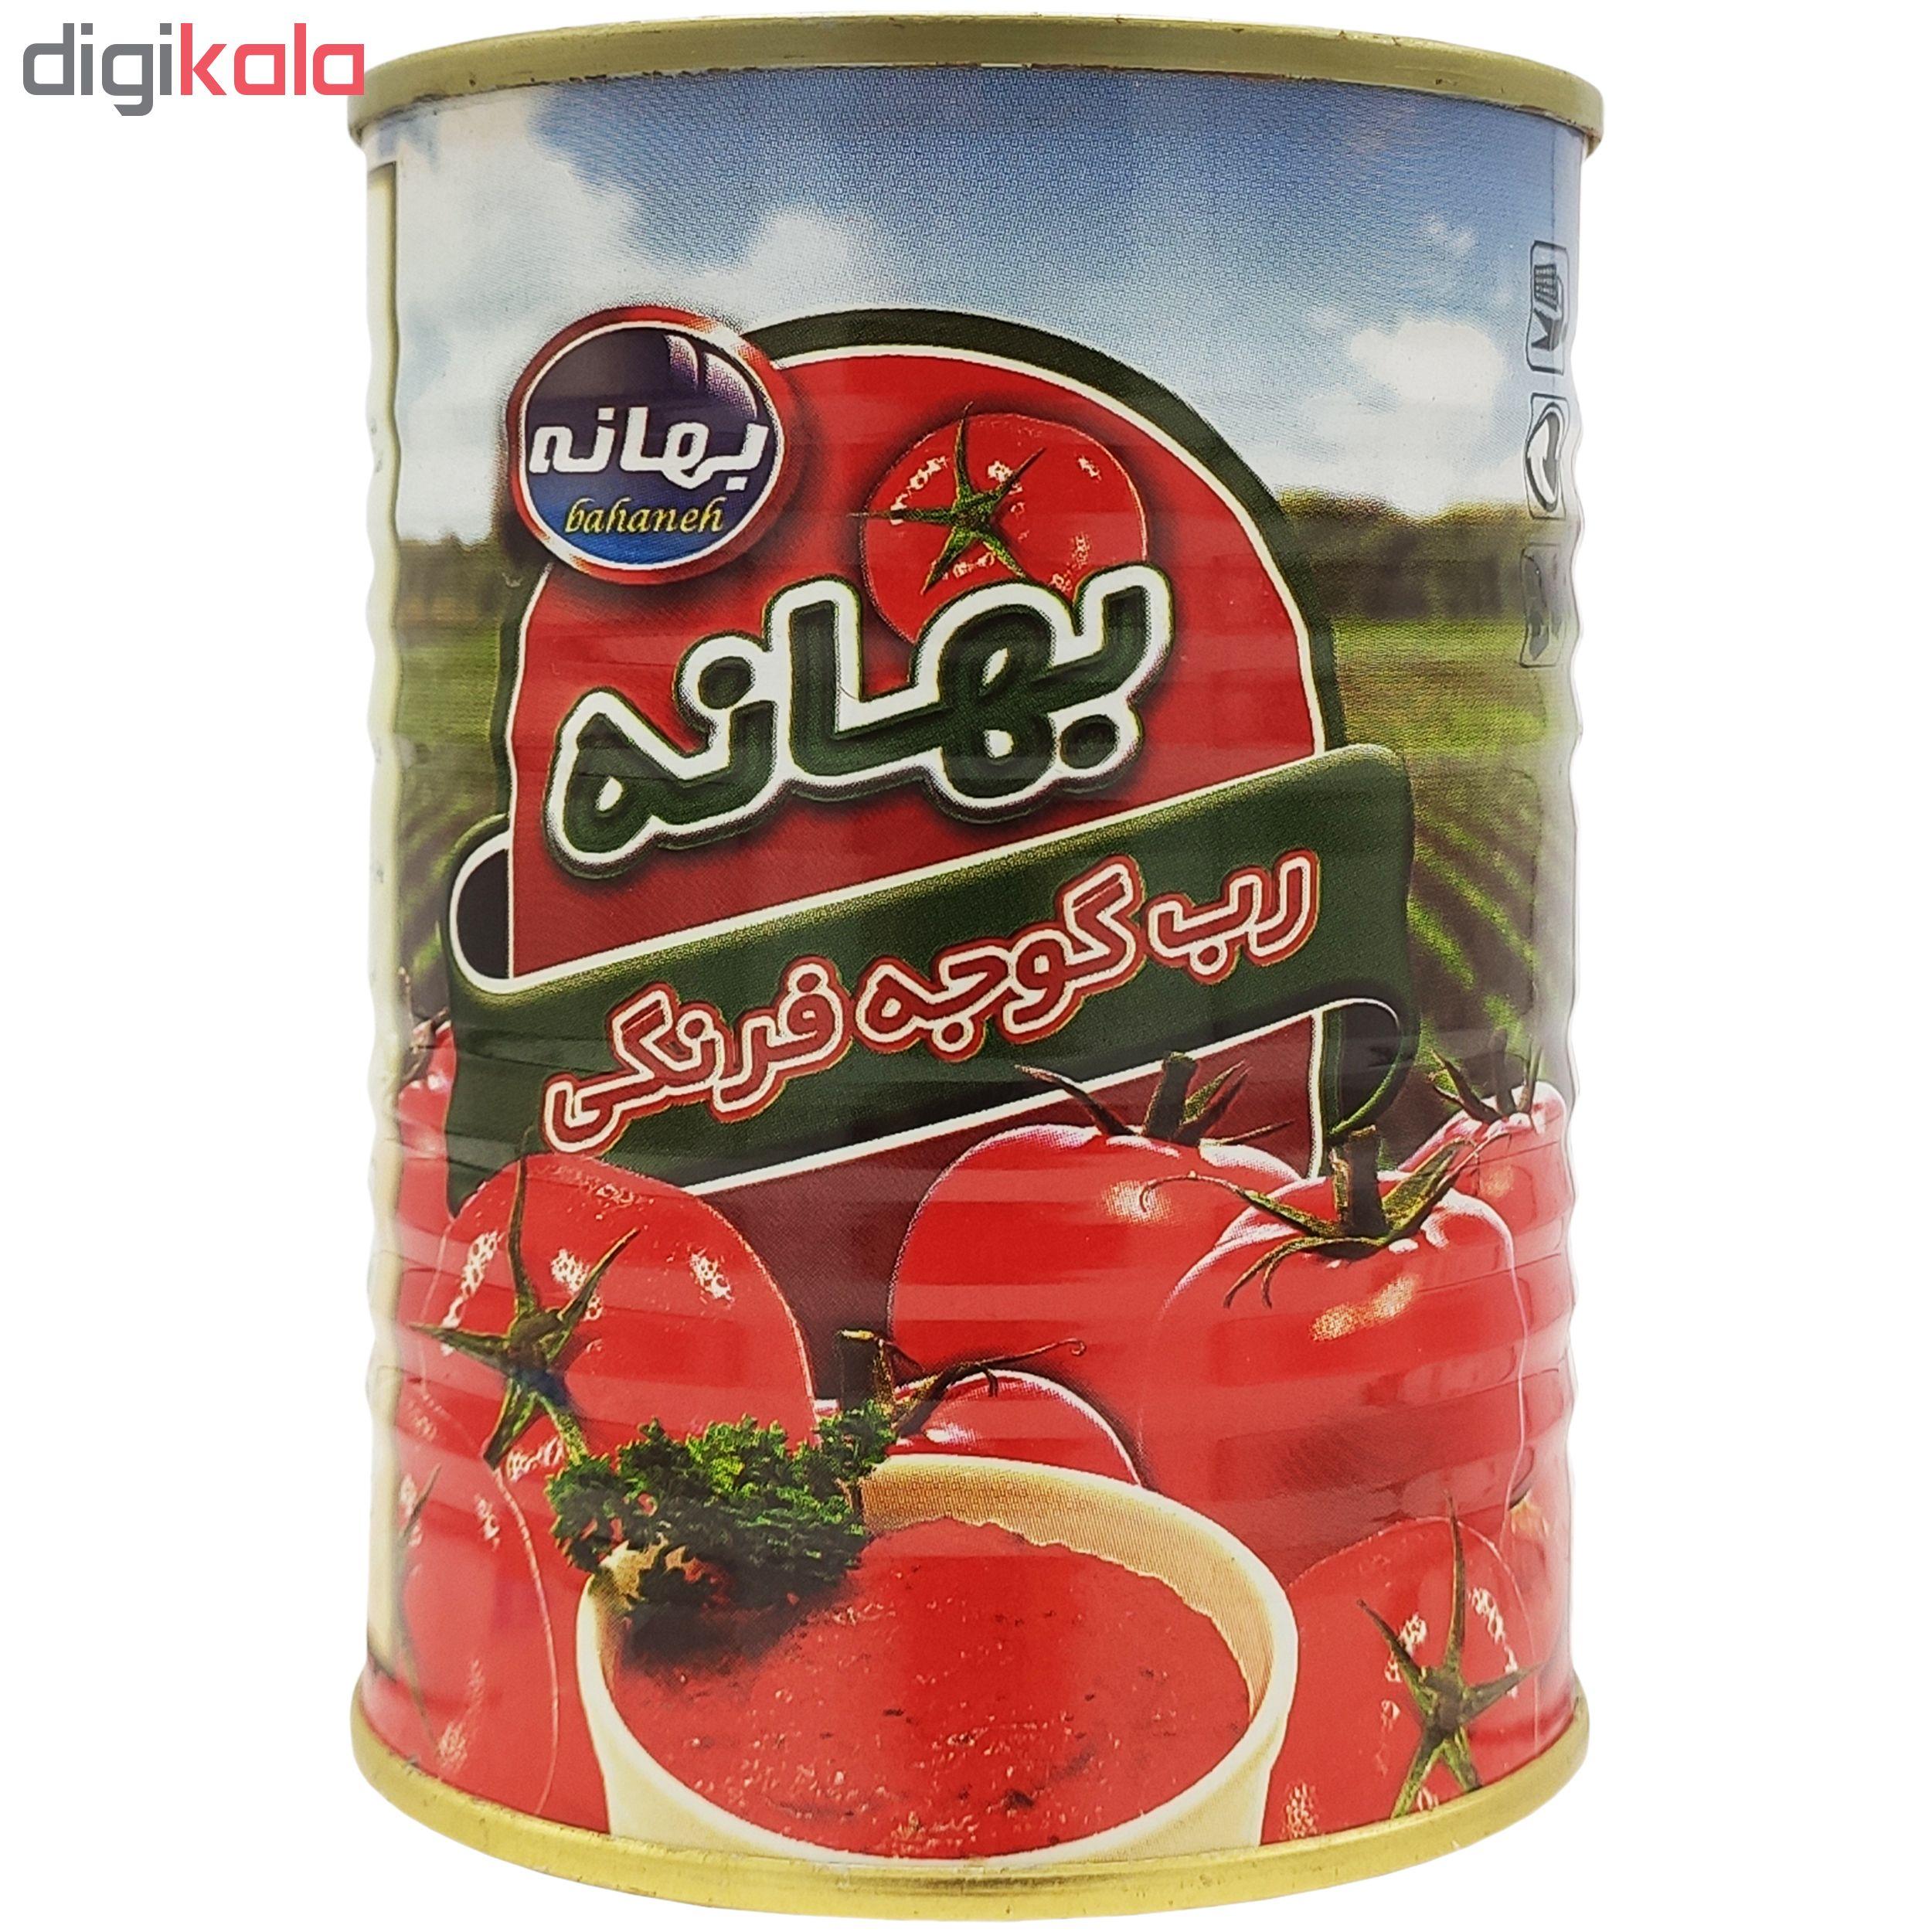 رب گوجه فرنگی بهانه مقدار 380 گرم